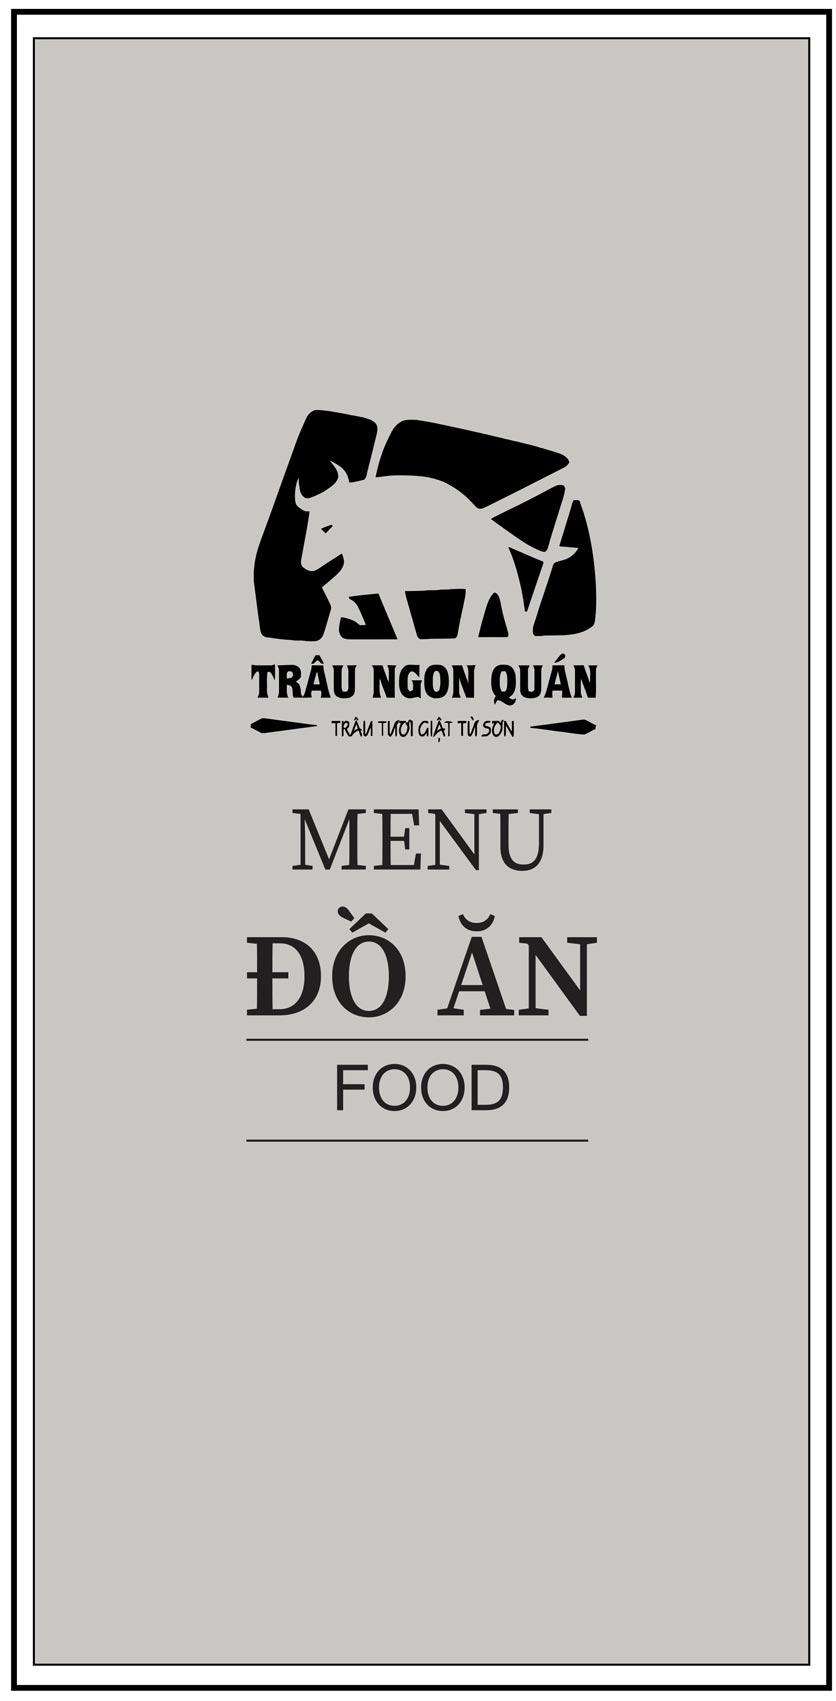 Menu Trâu Ngon Quán -  Hoàng Đạo Thúy 1